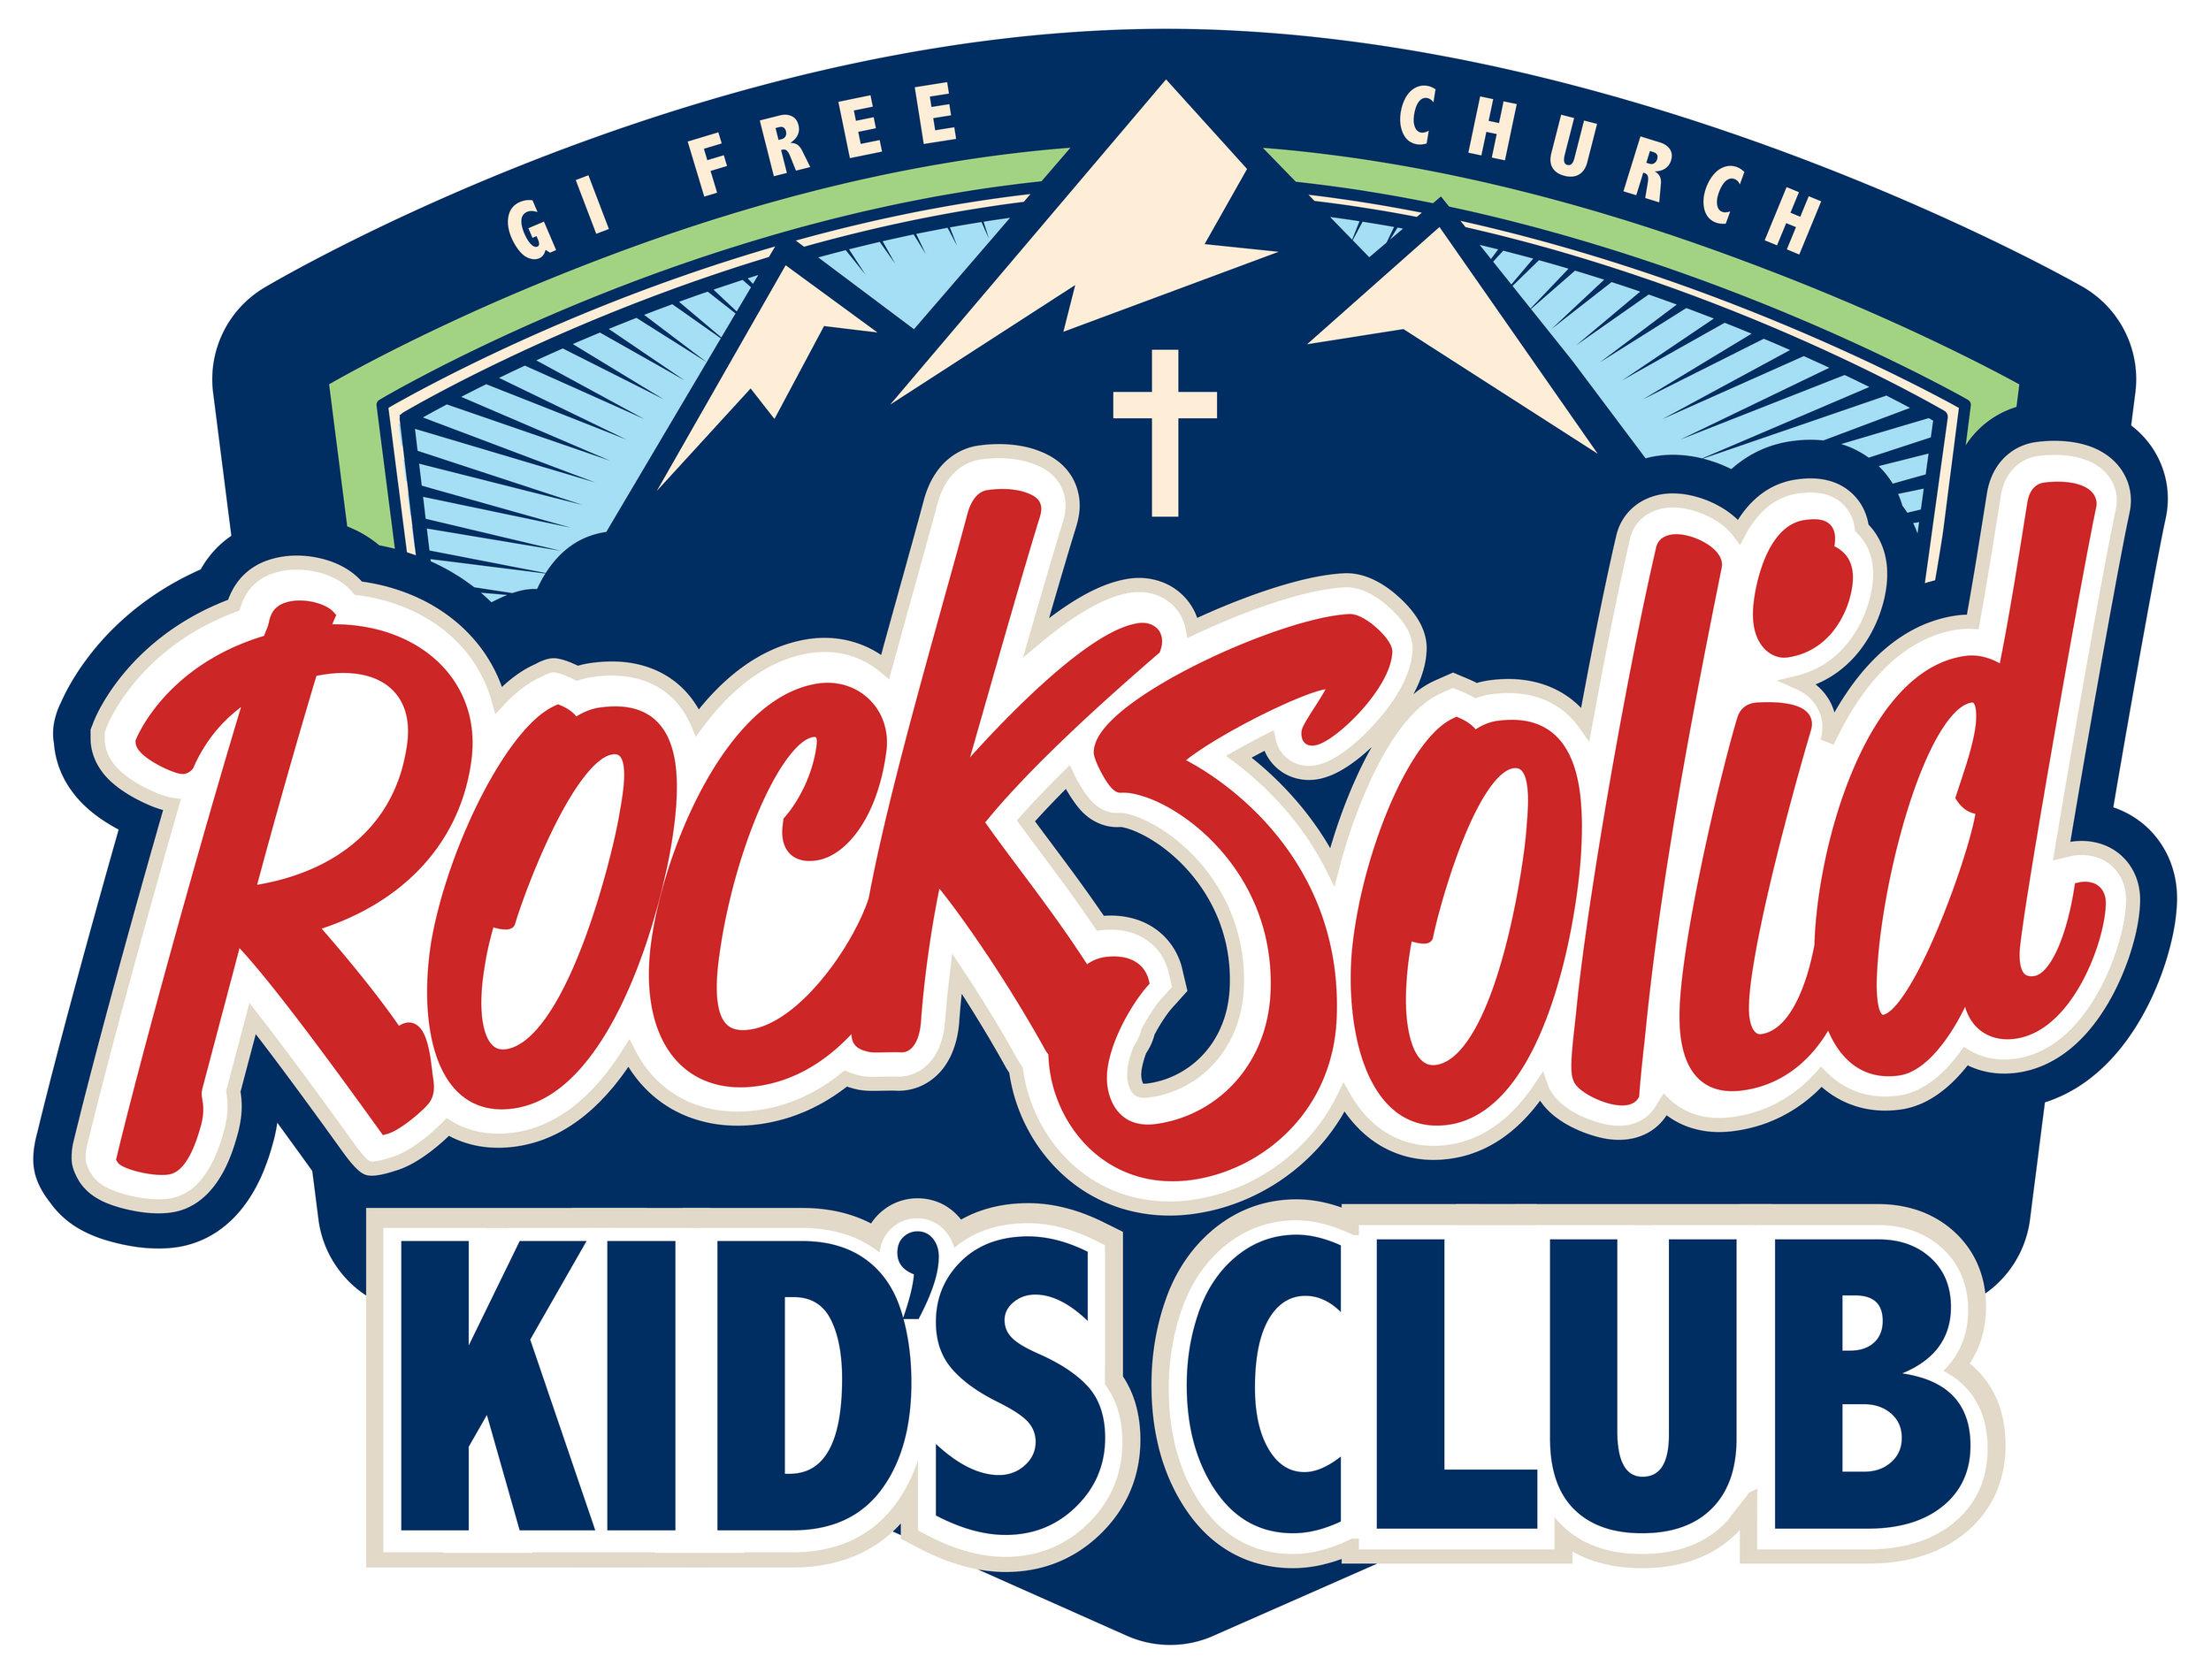 RockSolidLogo-KidsClub2.jpg